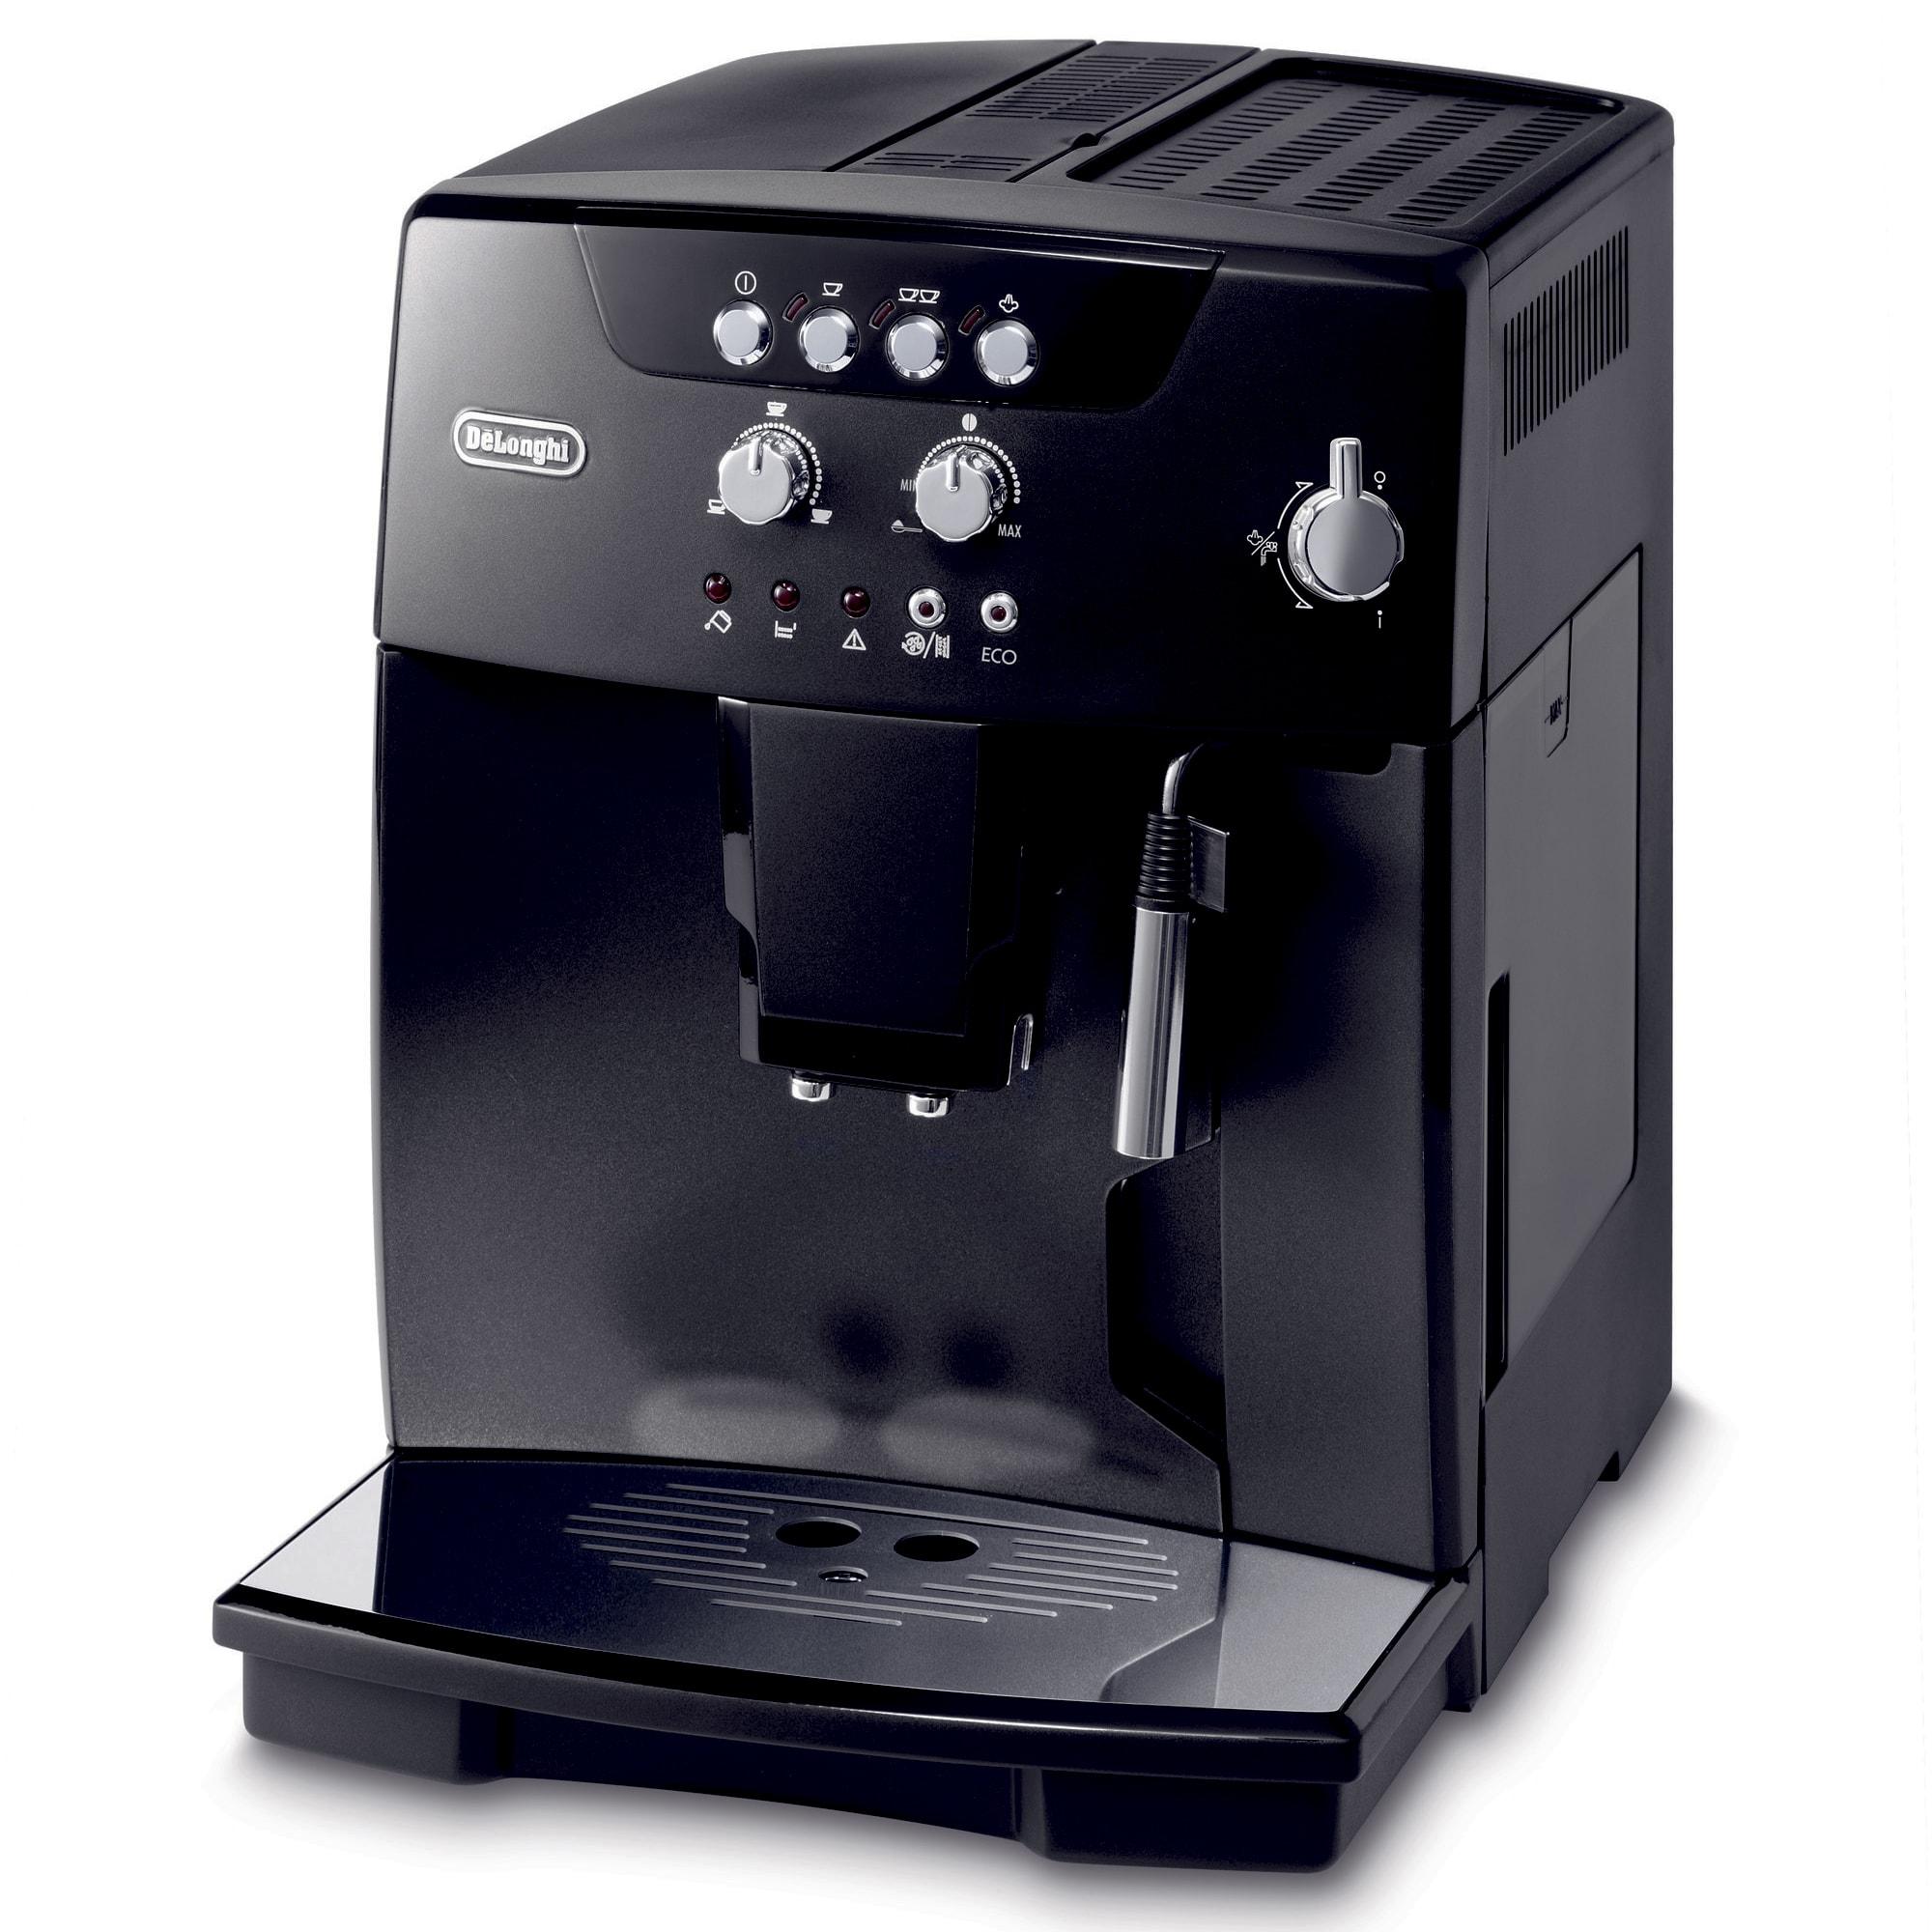 Fuldautomatisk espressomaskine med indbygget mælkesteamer